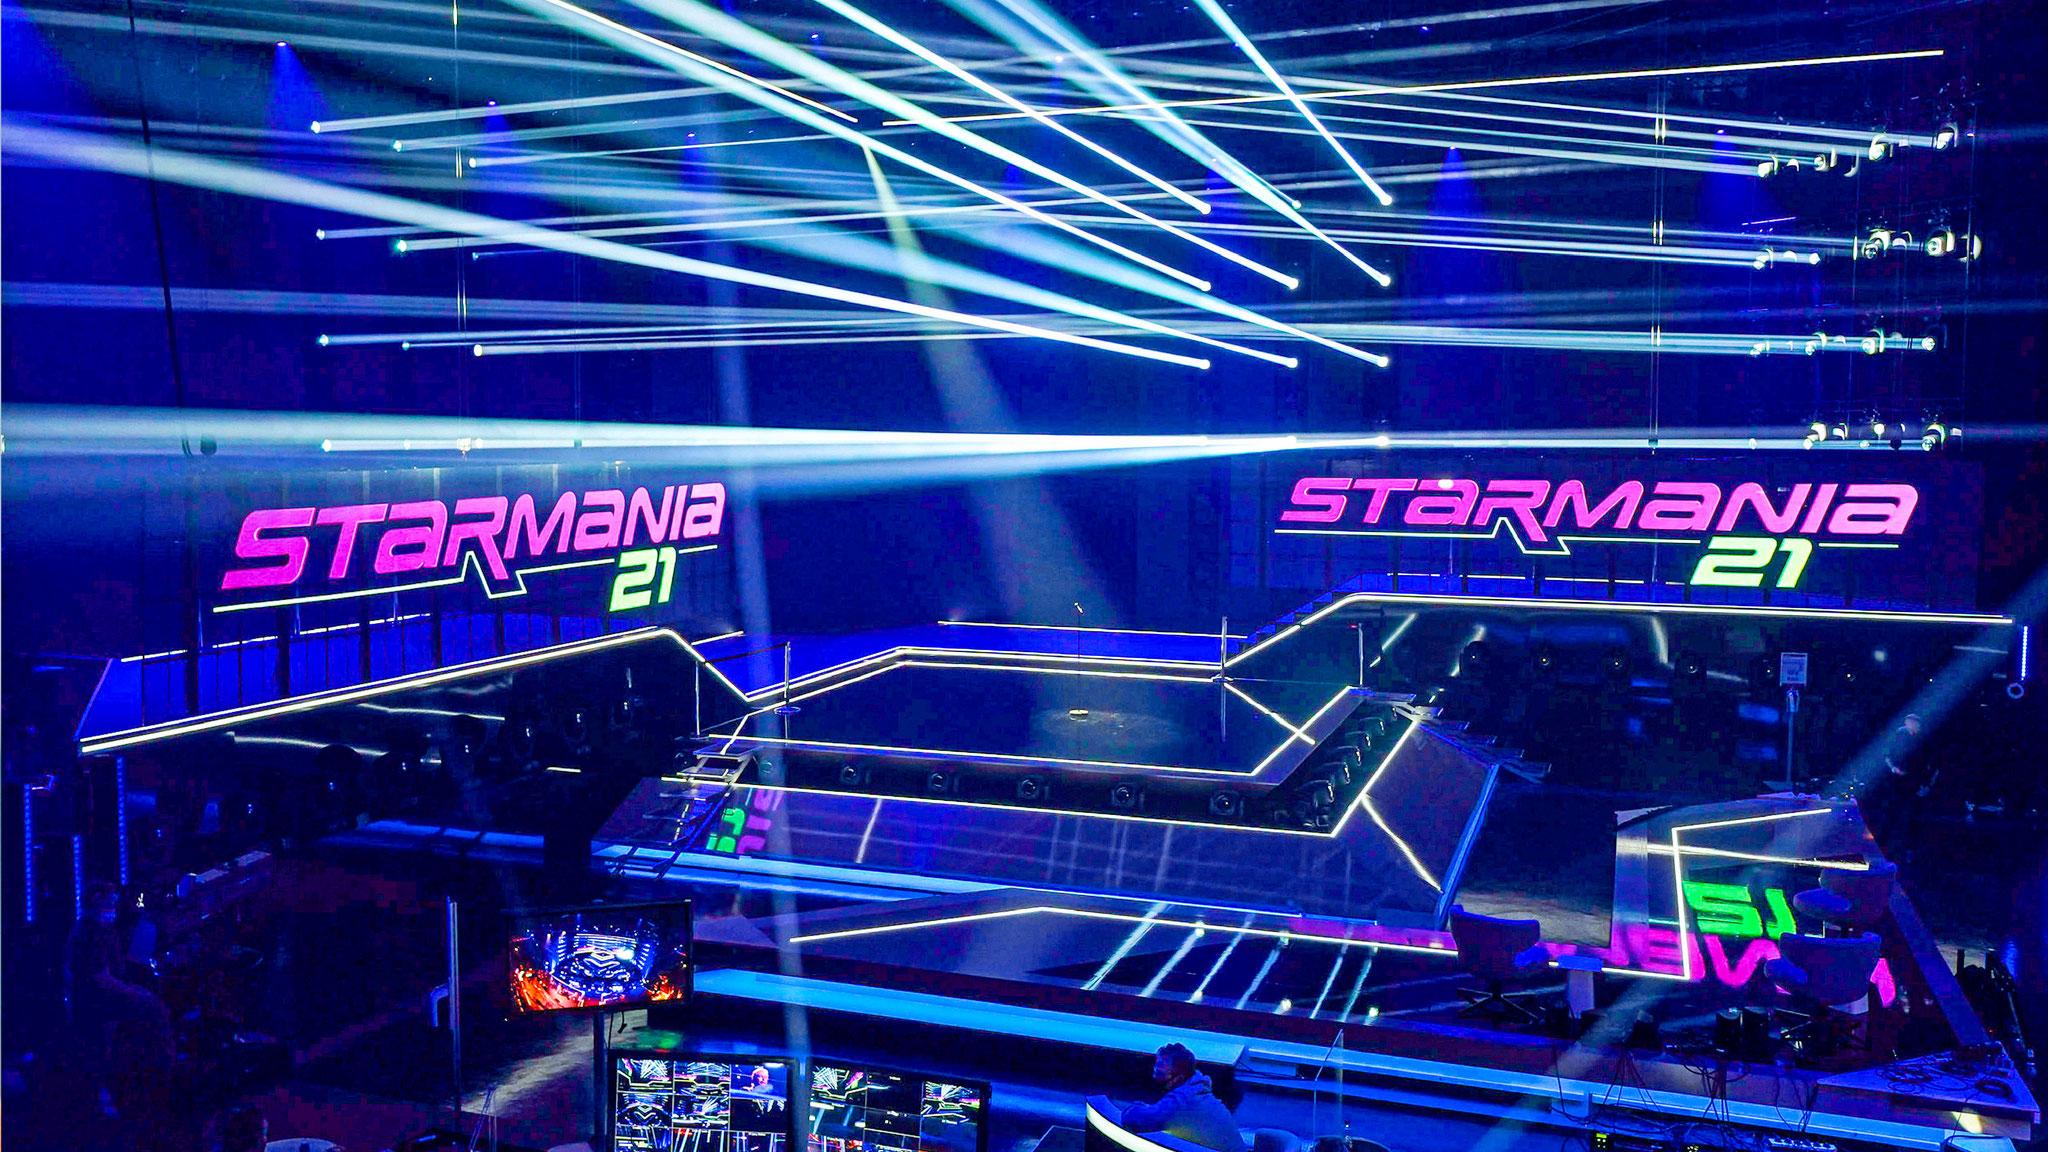 250 m2 auf mehreren Ebenen, 600 Scheinwerfer: So bombastisch ist die Starmania-Bühne!